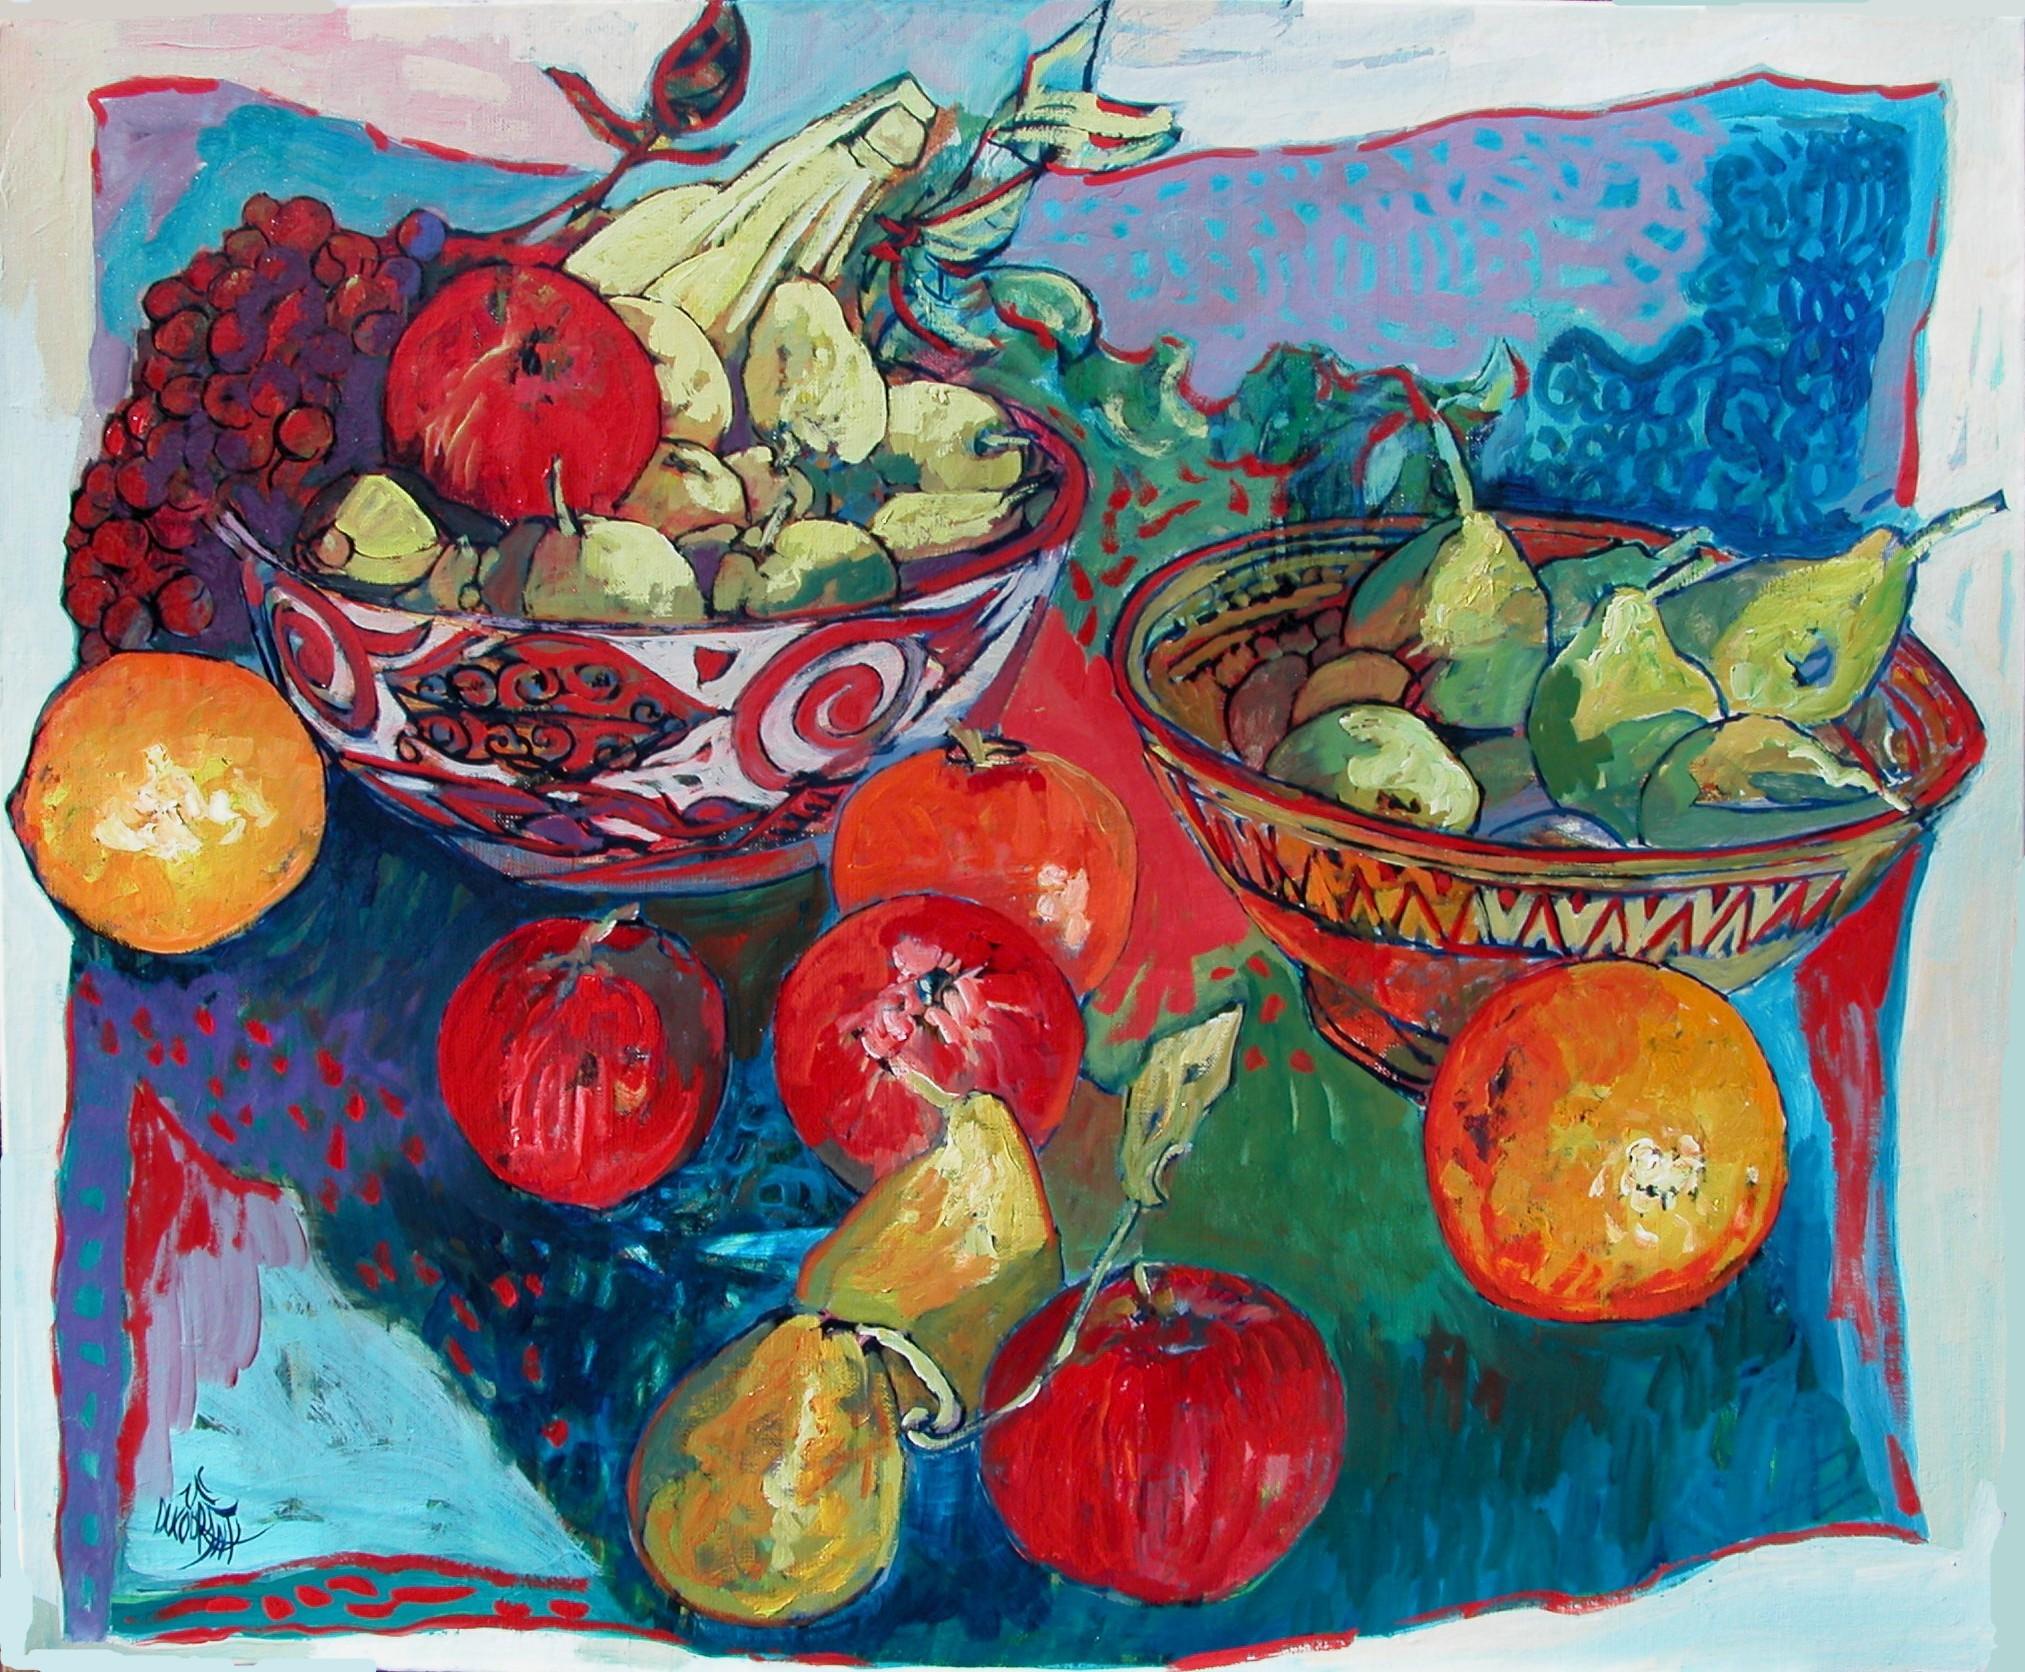 Des fruits, des jus, de la peinture - 73x60cm - 2012